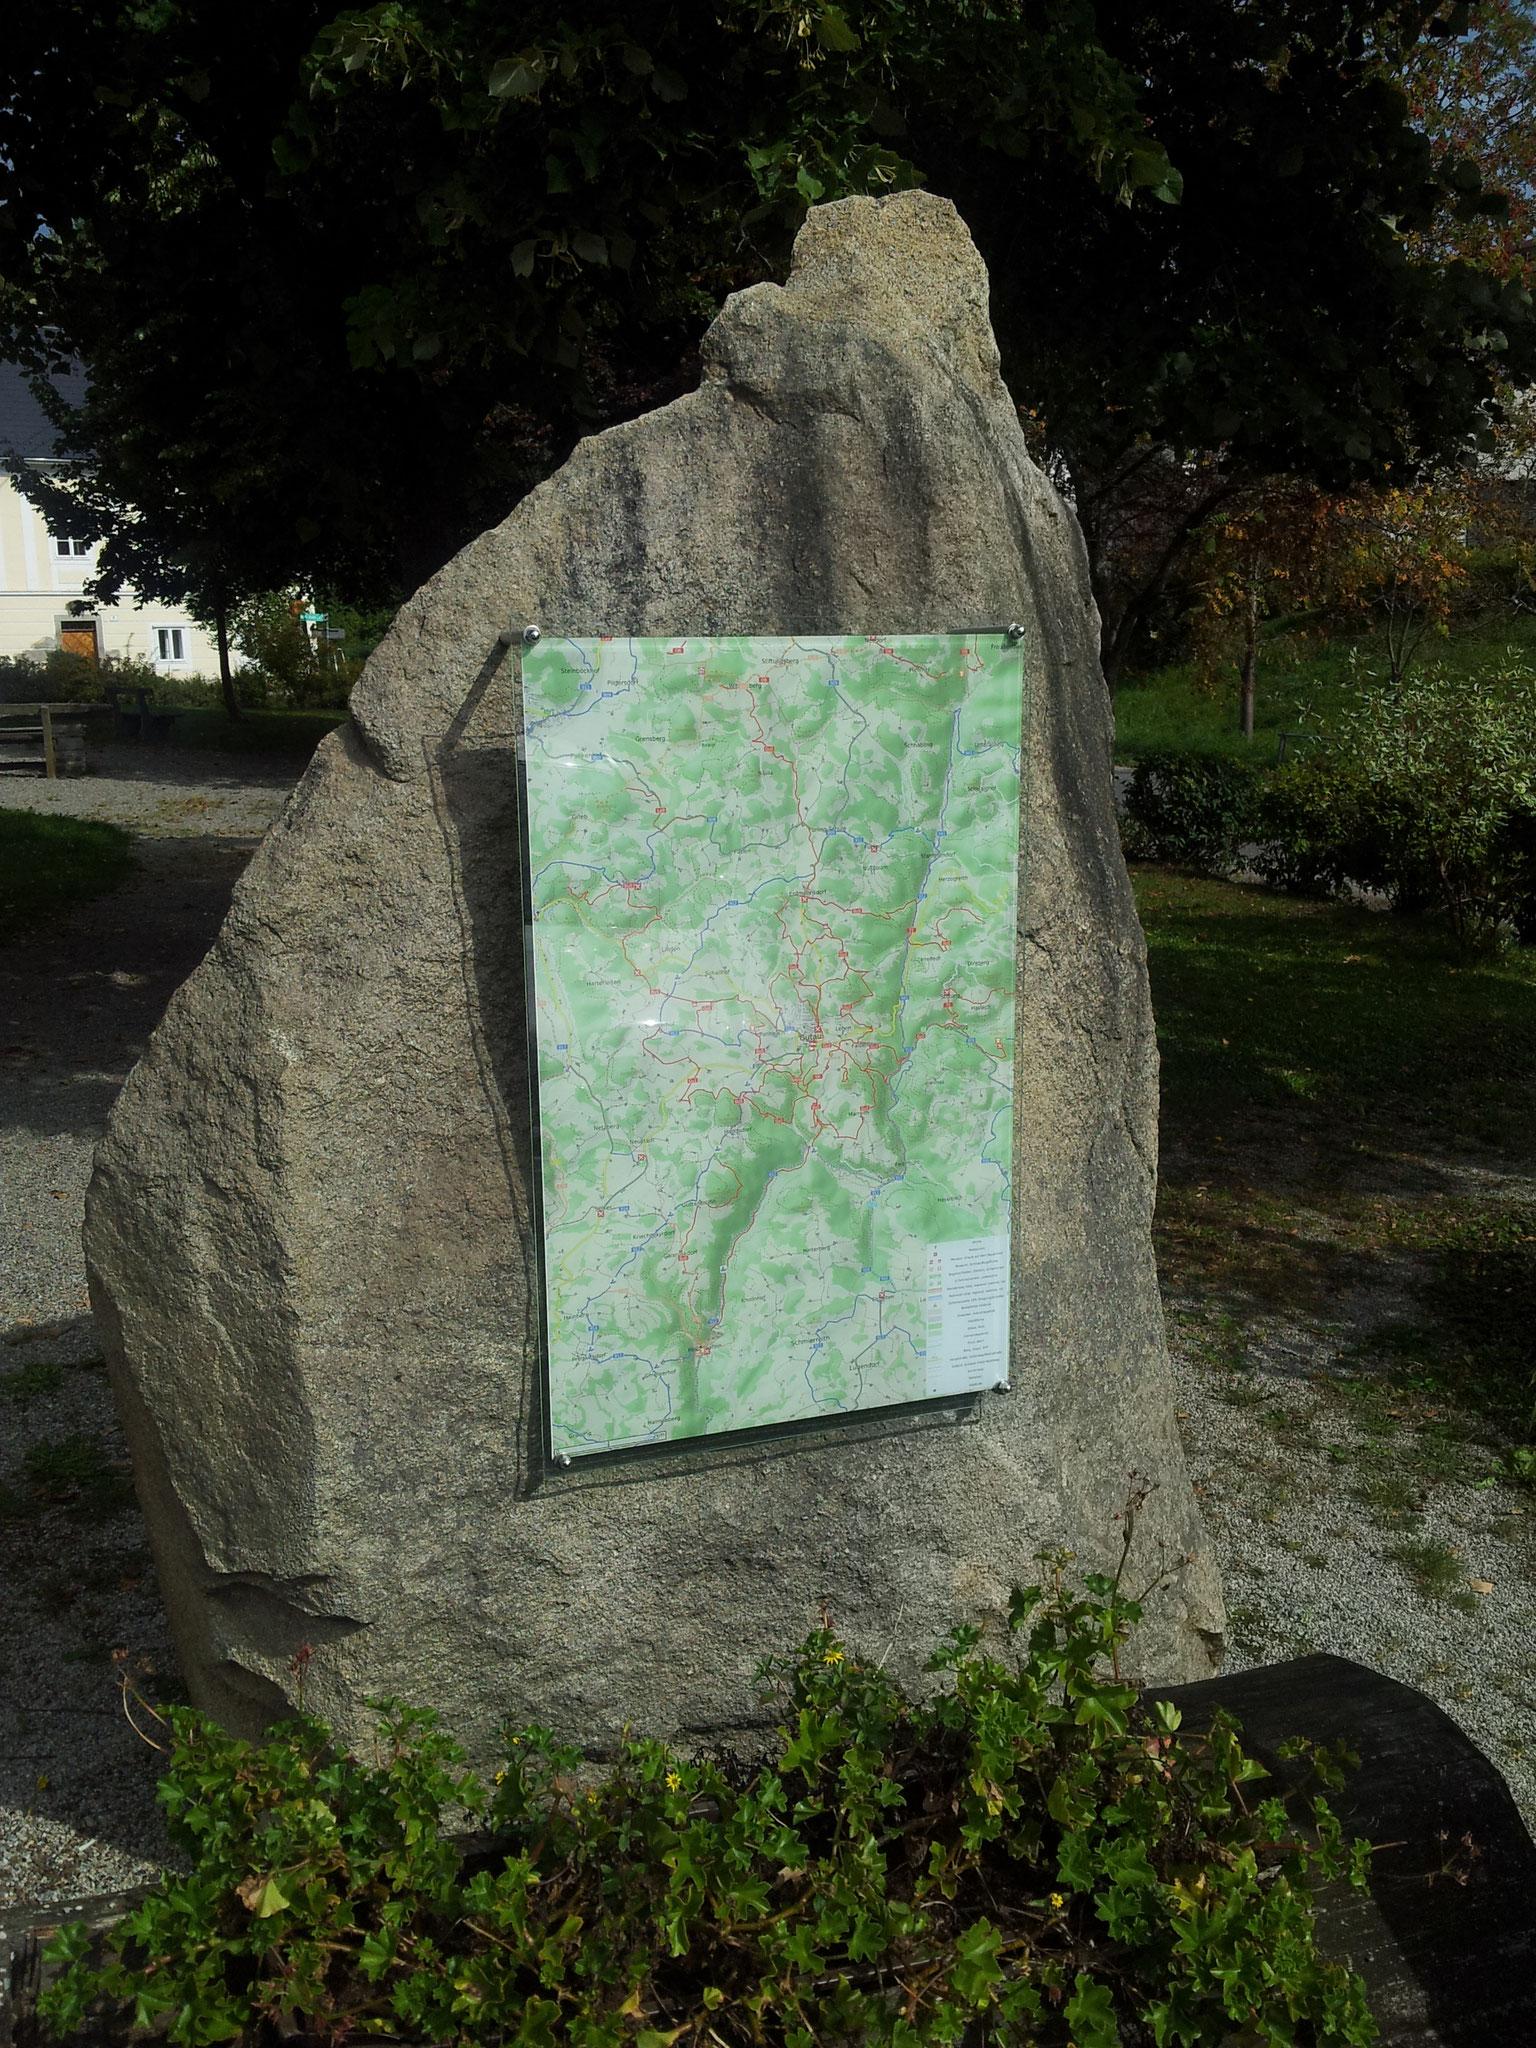 Zahlreiche Anwendungen für nachhaltige Mobilität nutzen die Karten von OpenStreetMap, zum Beispiel diese Wanderkarte.